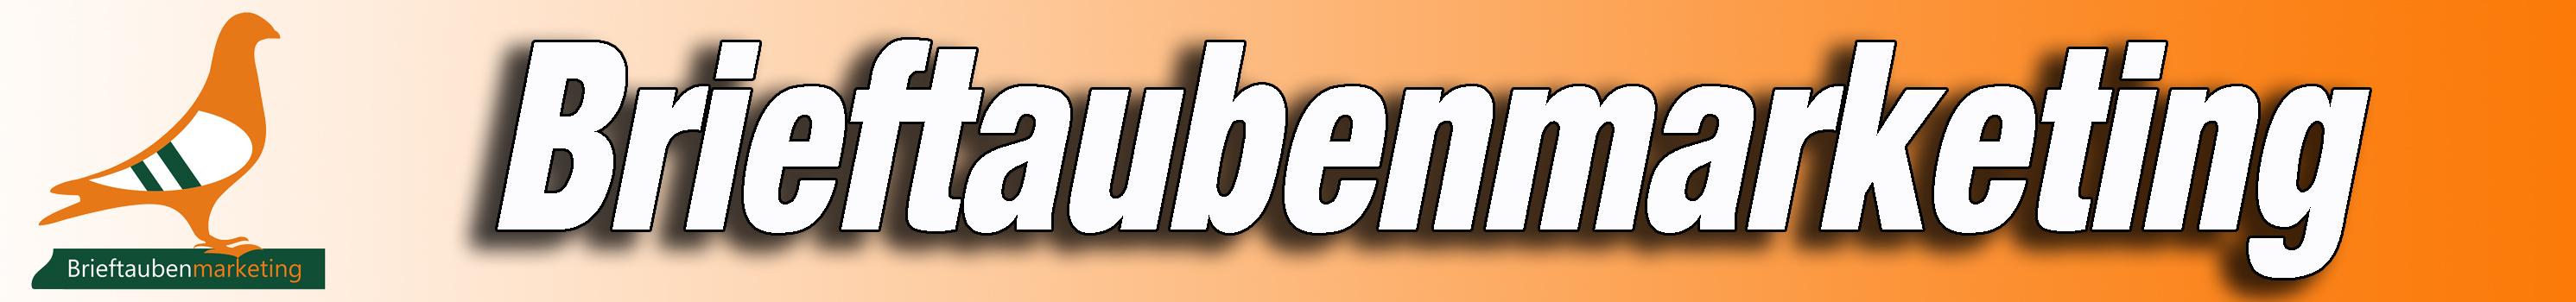 Brieftaubenmarkerting_AnzeigeBA.jpg - 363,23 kB